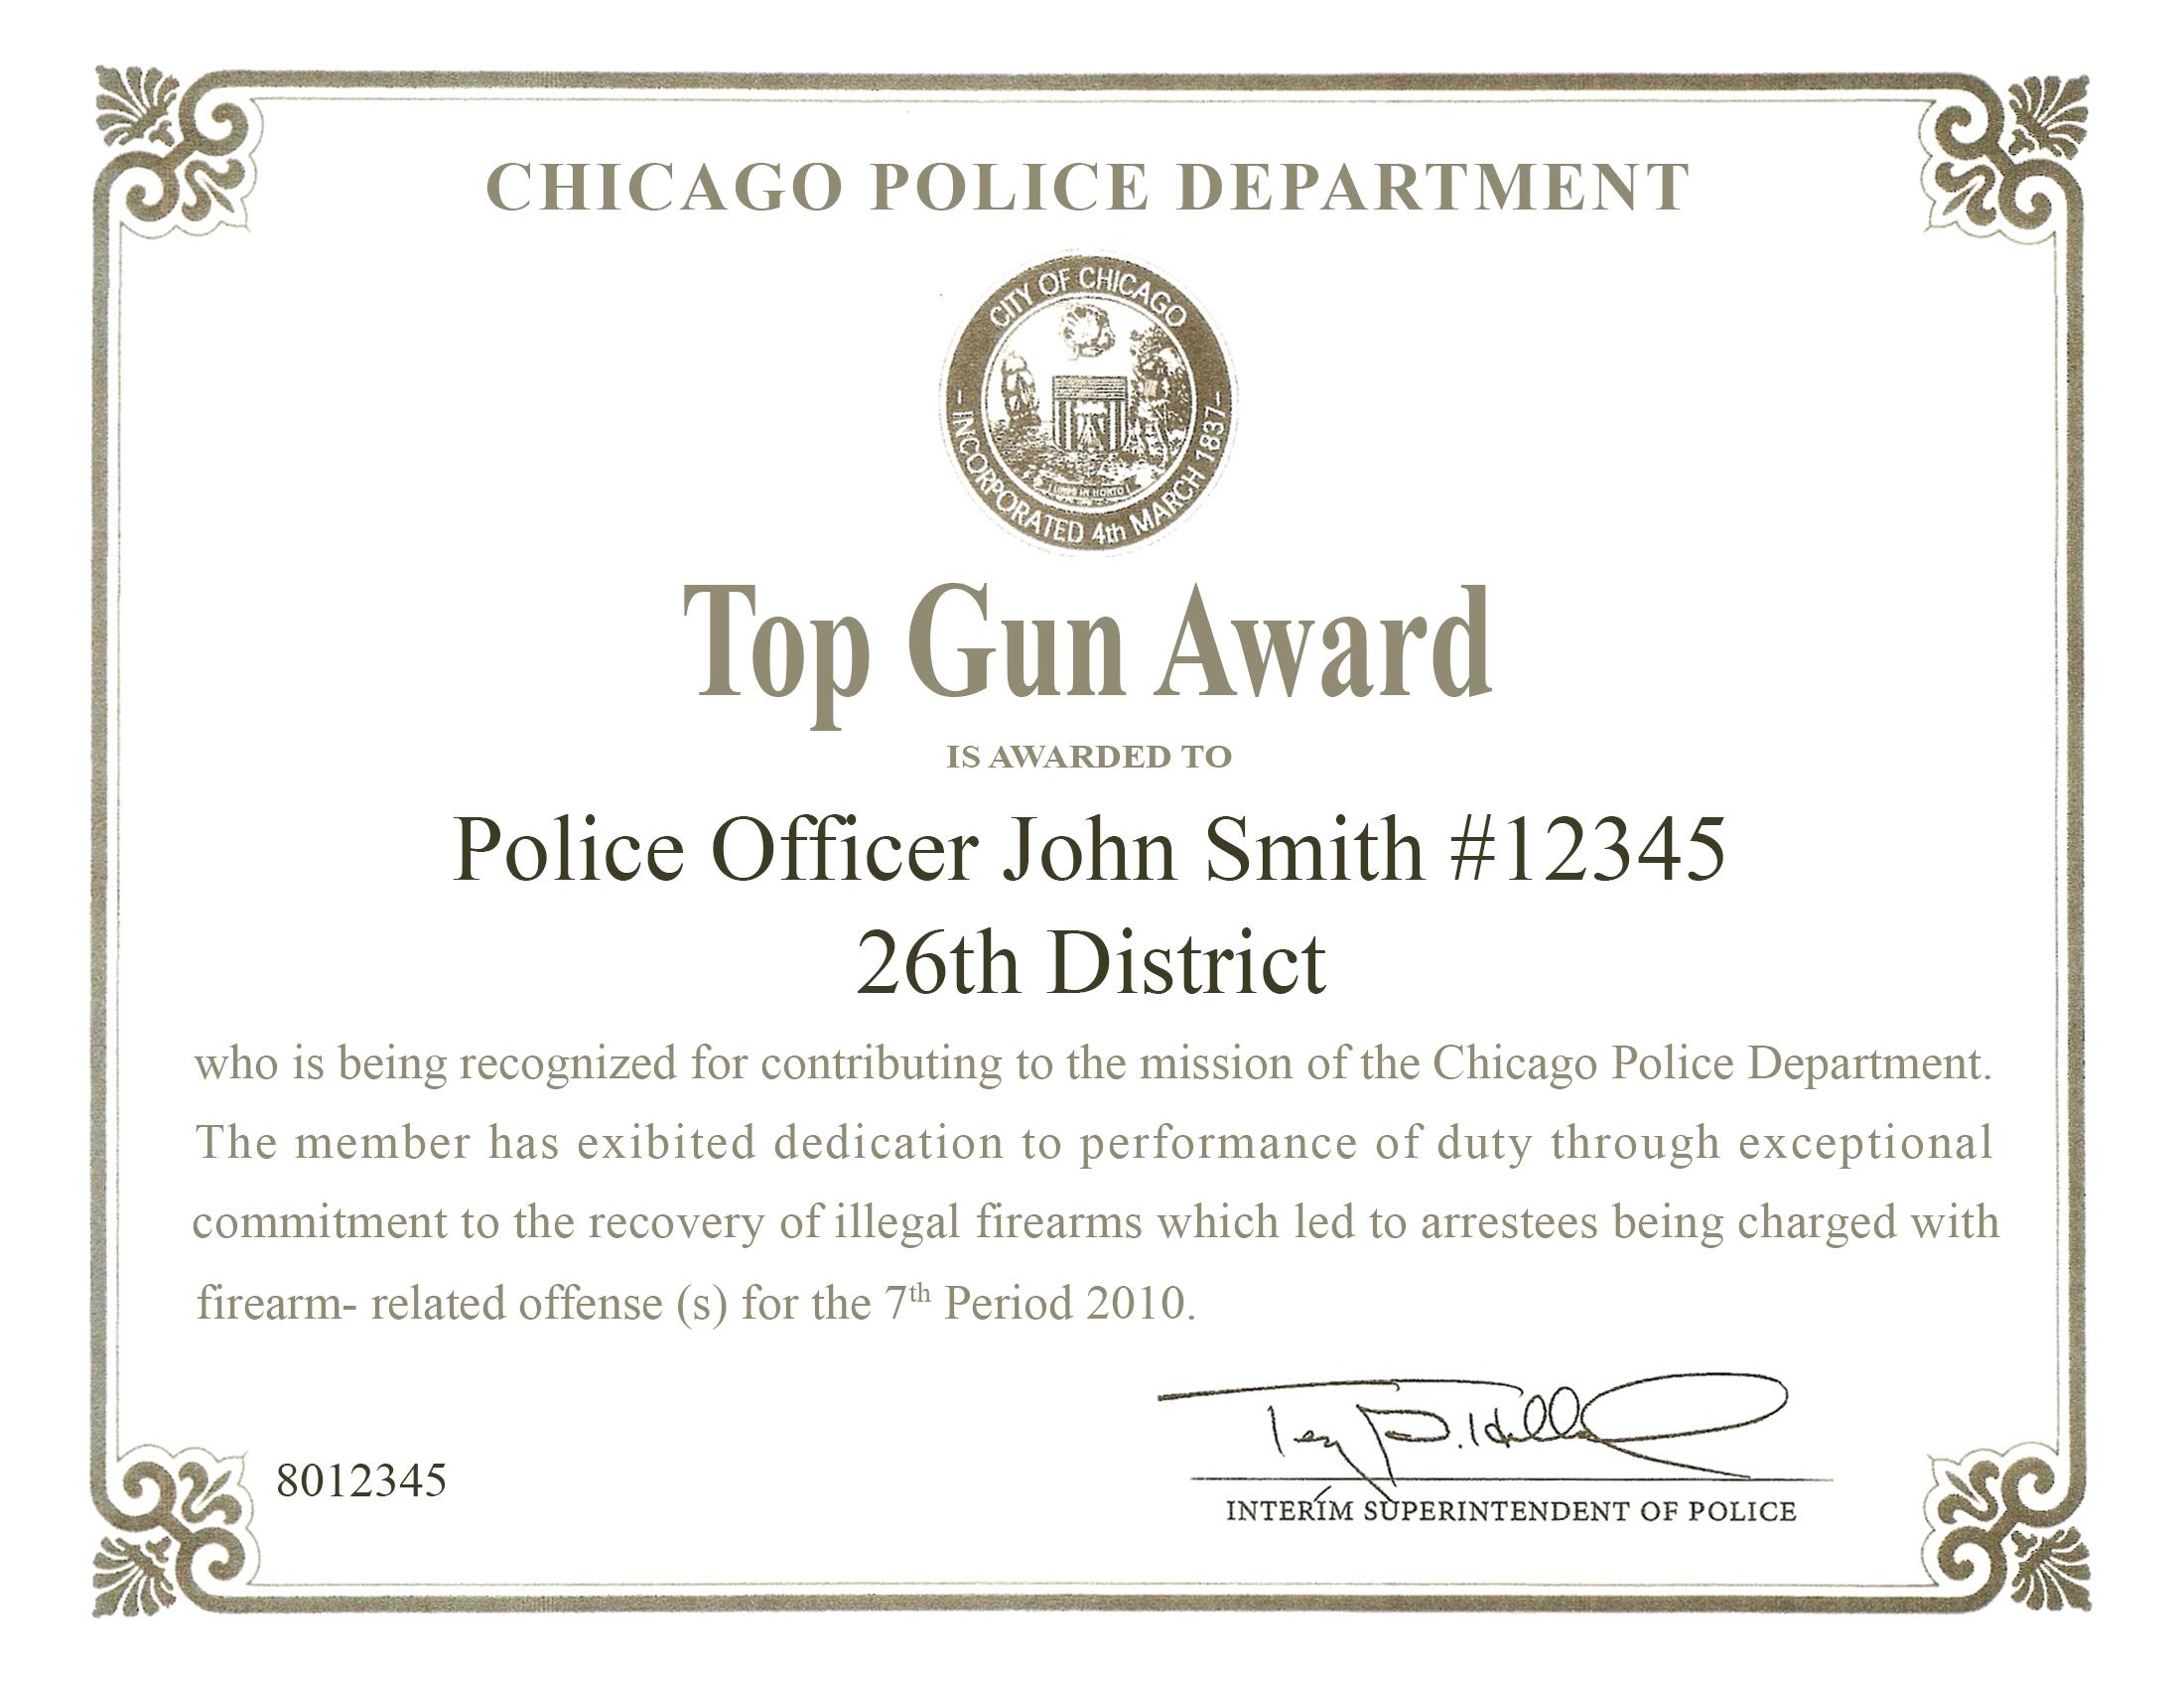 Top Gun Award Certificate